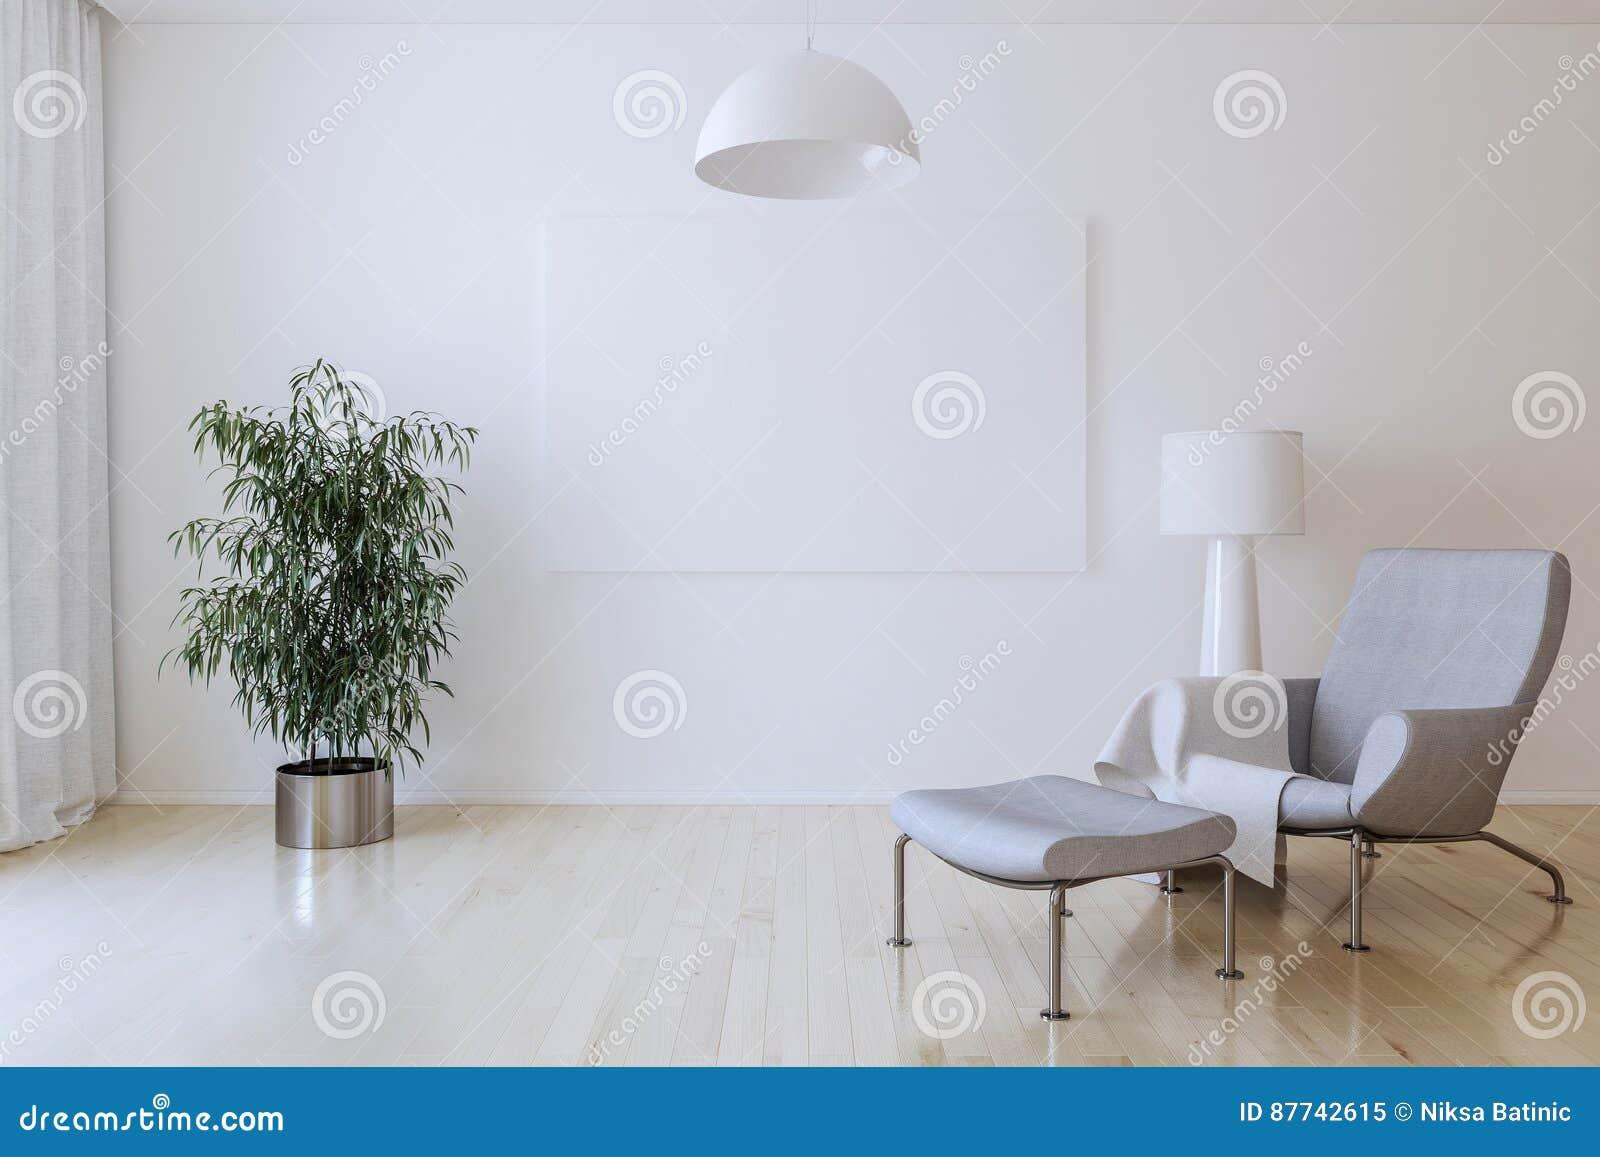 Pareti In Tela : Acquista fiaba unicorno su tela parete sfondo pareti d soggiorno